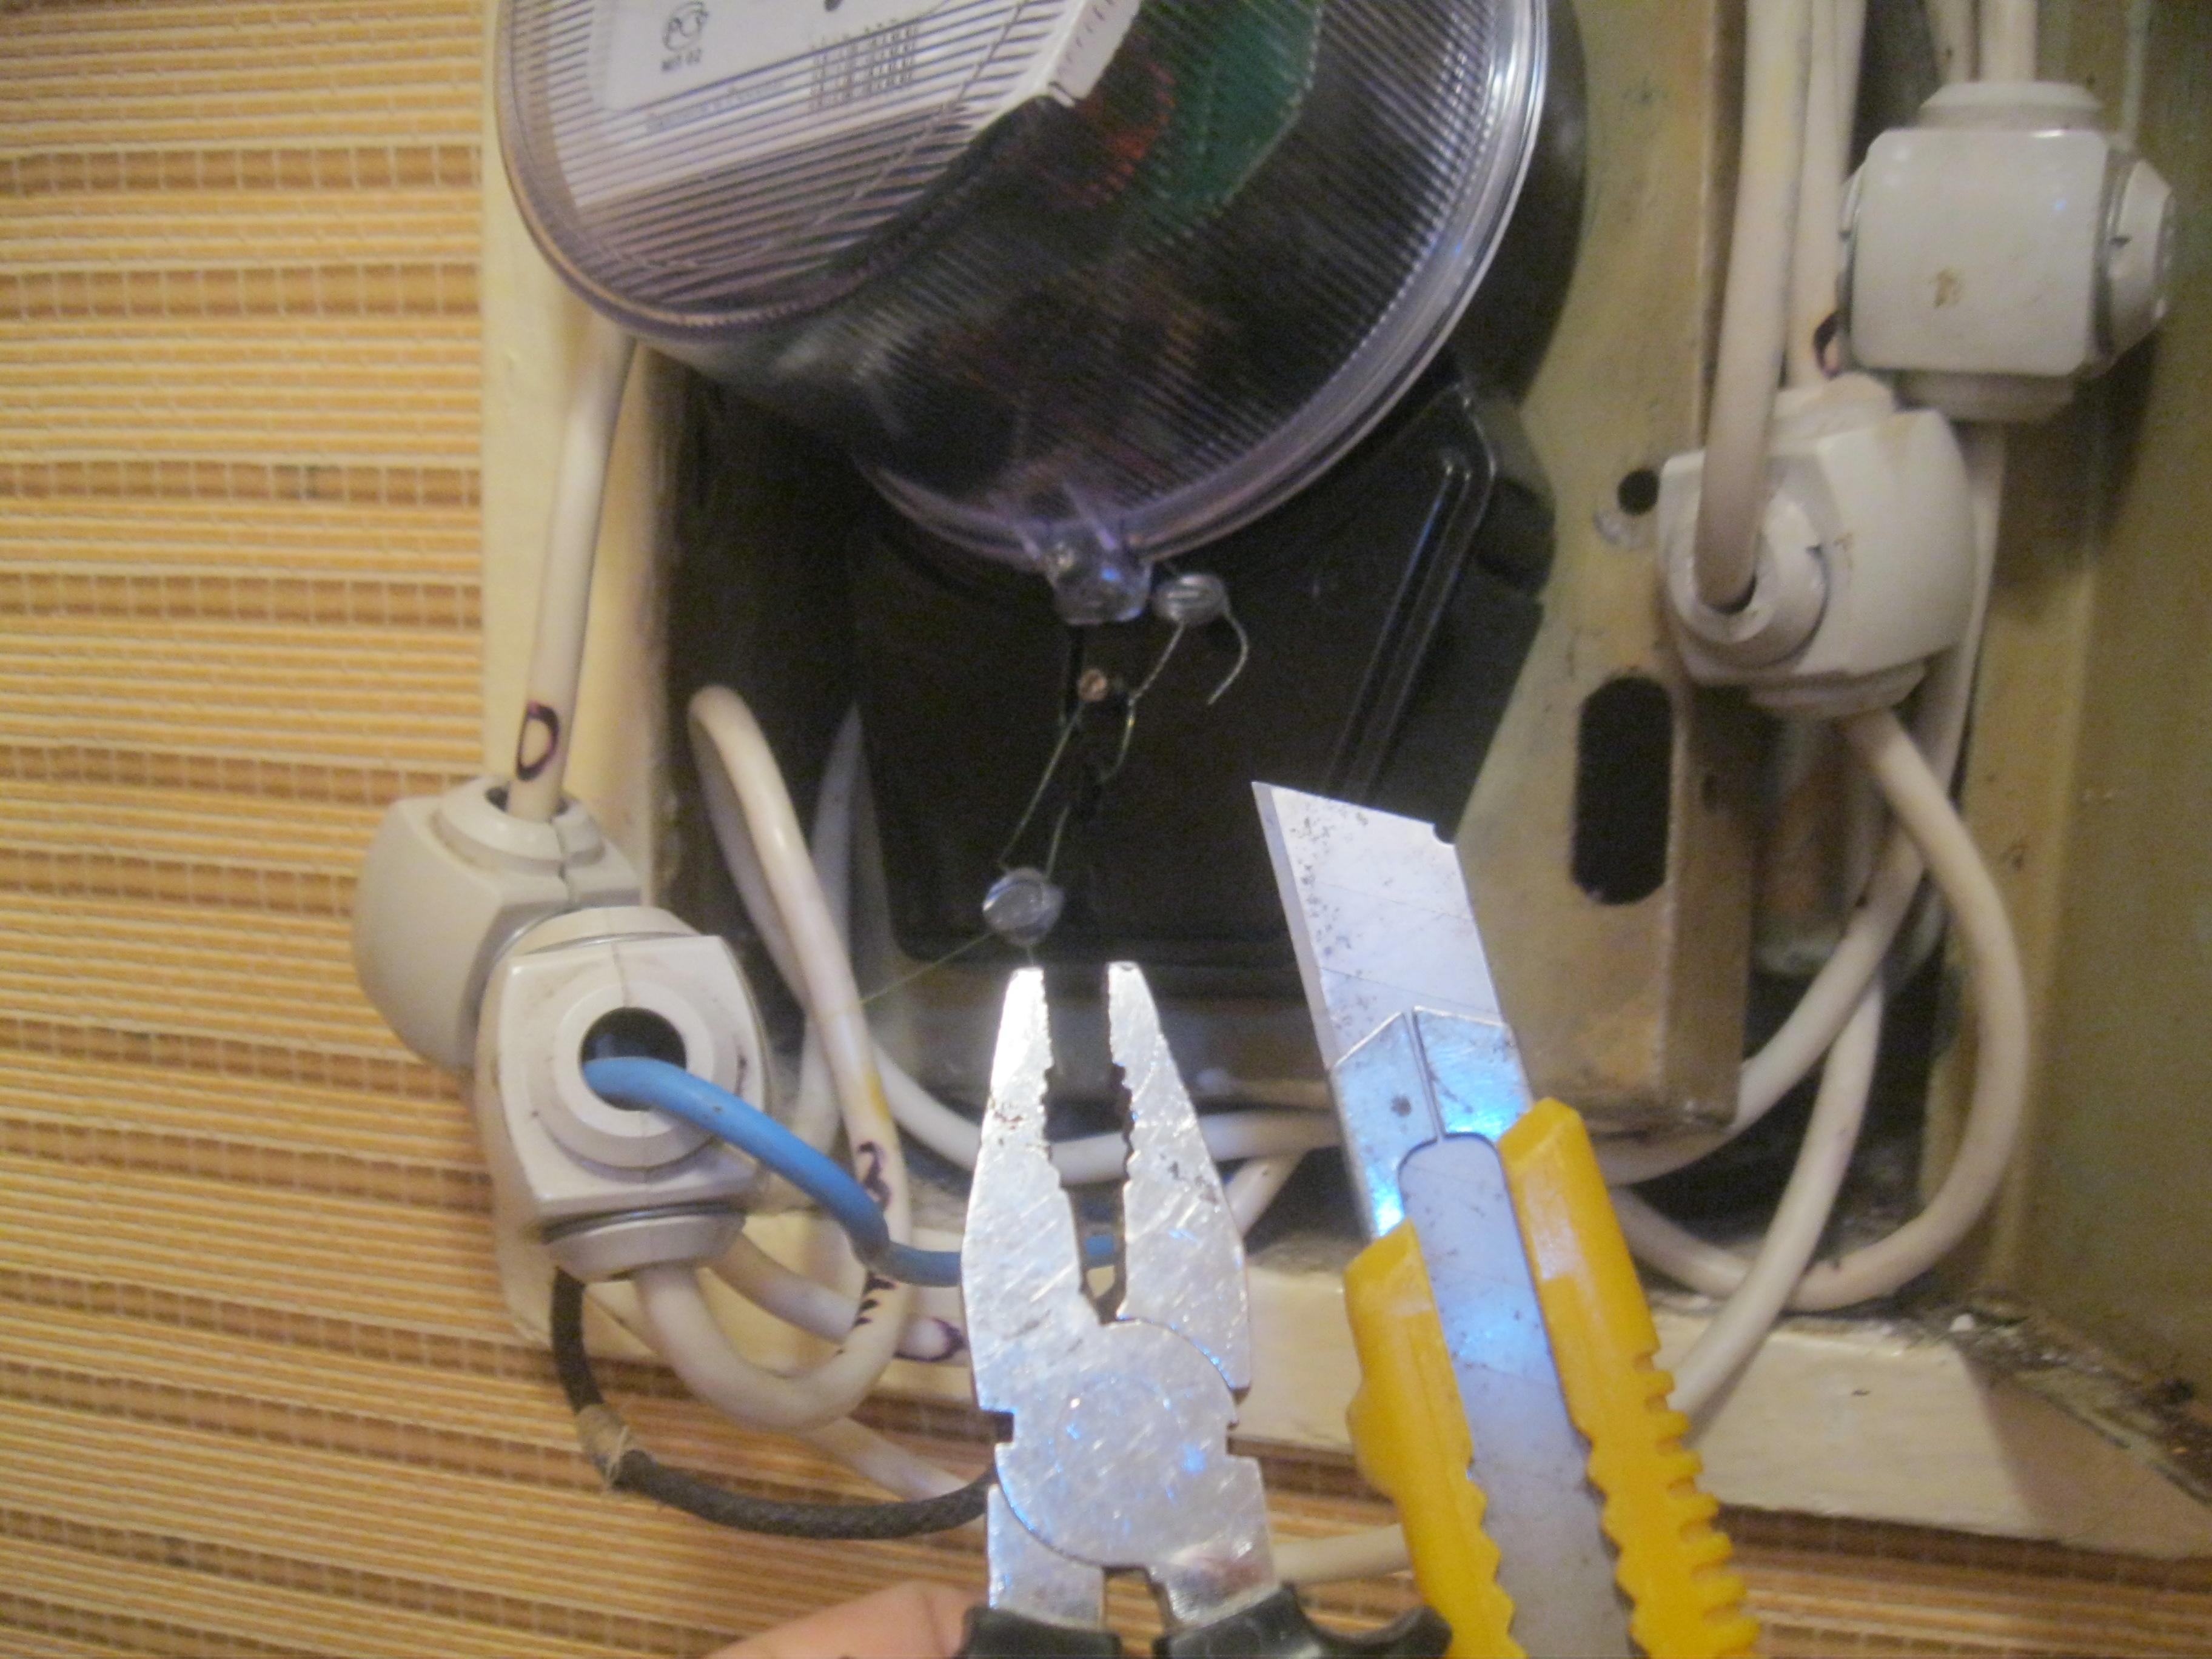 Срочный вызов электрика аварийной службы в квартиру из-за неисправностей электрощитового оборудования